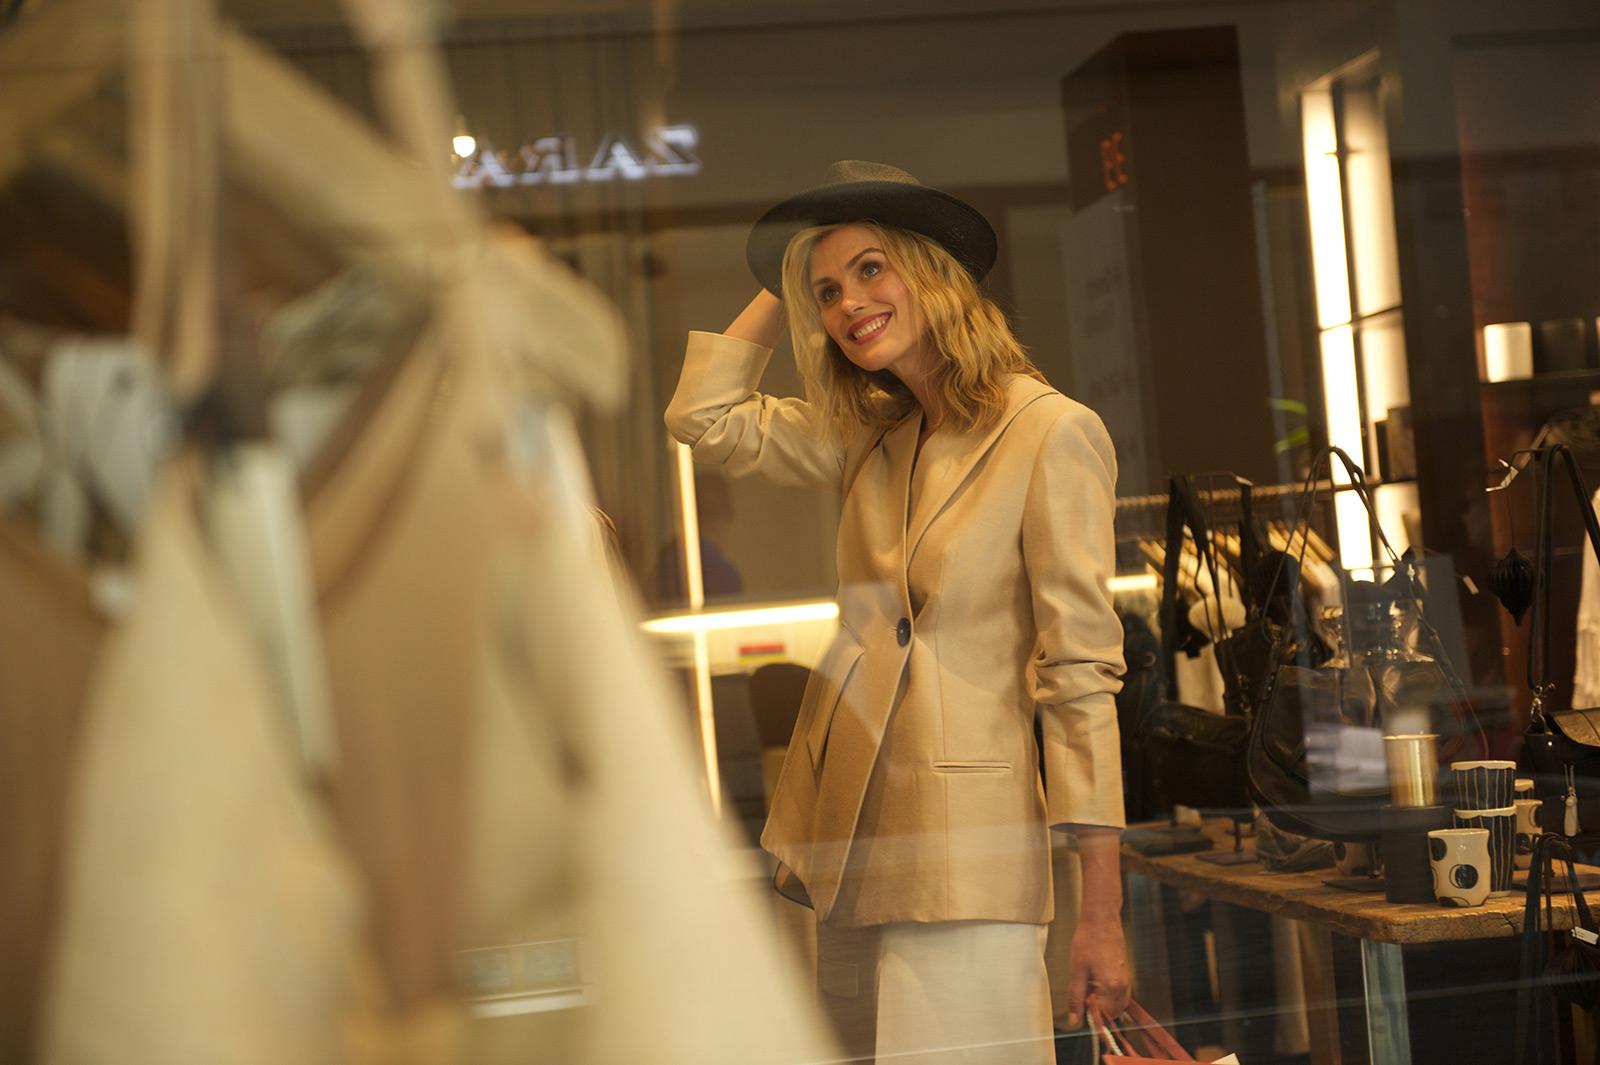 Lady shopping